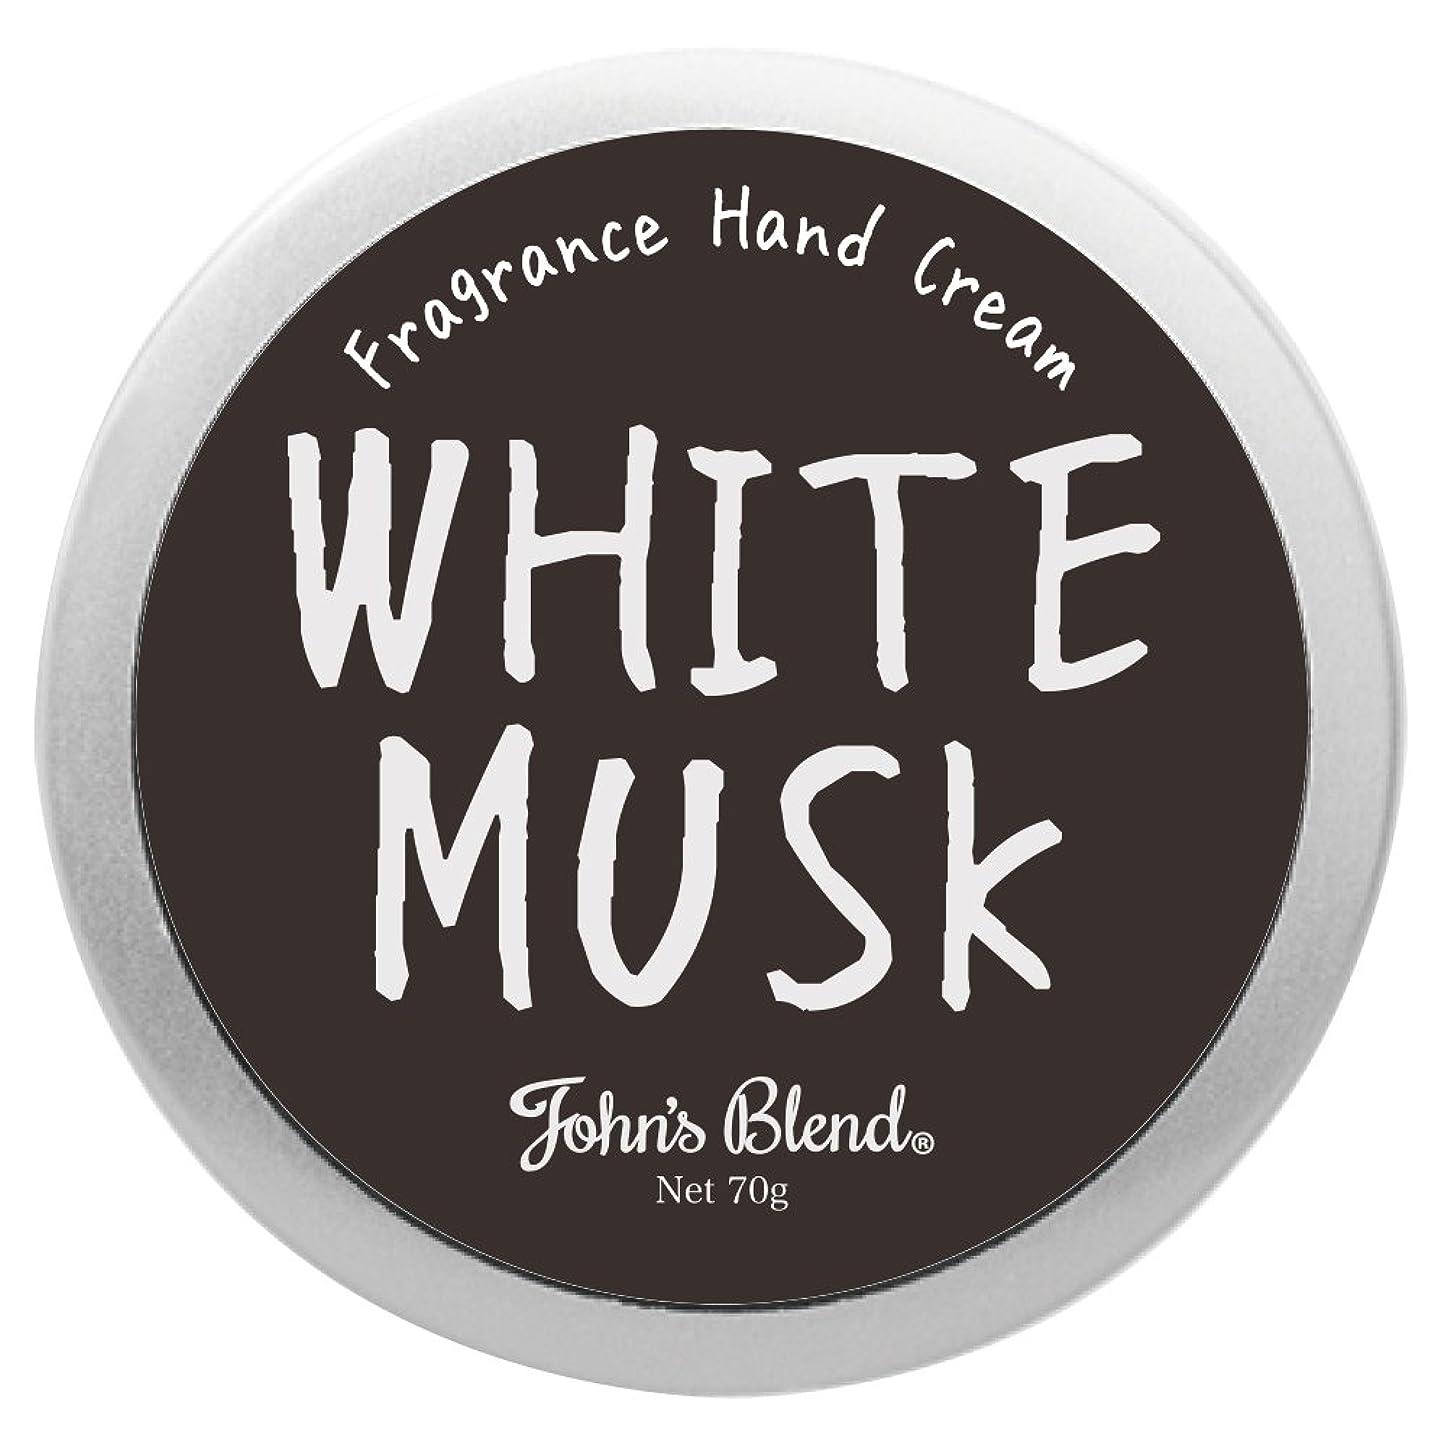 エンドテーブルしわ激怒Johns Blend ハンドクリーム 70g ホワイトムスク の香り OZ-JOD-1-1